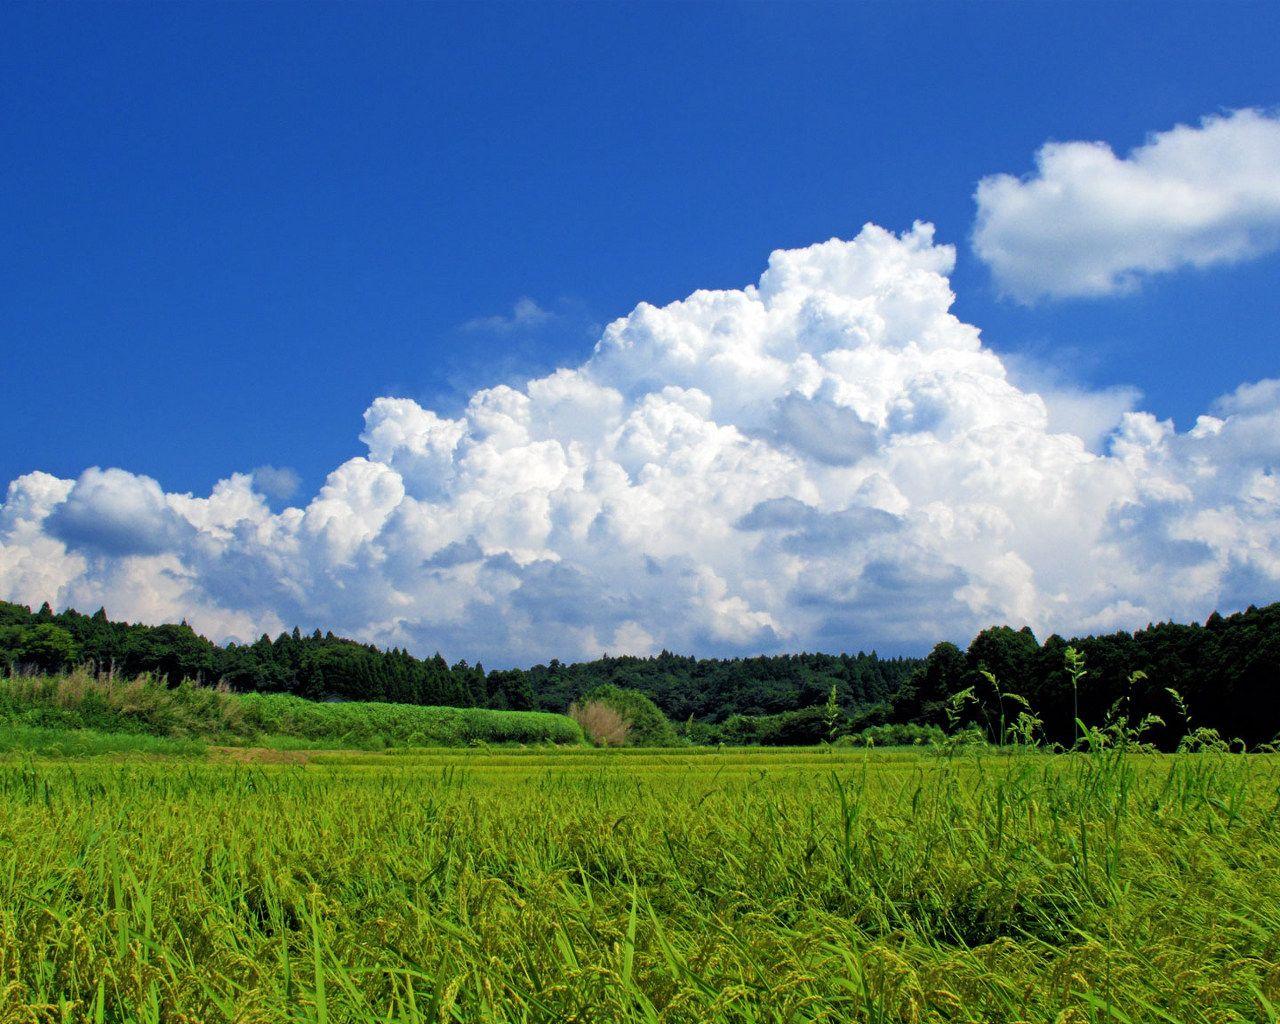 日本の風景「夏の志賀町田園風景1」壁紙1280x1024 - 壁紙館 | 風景 ...